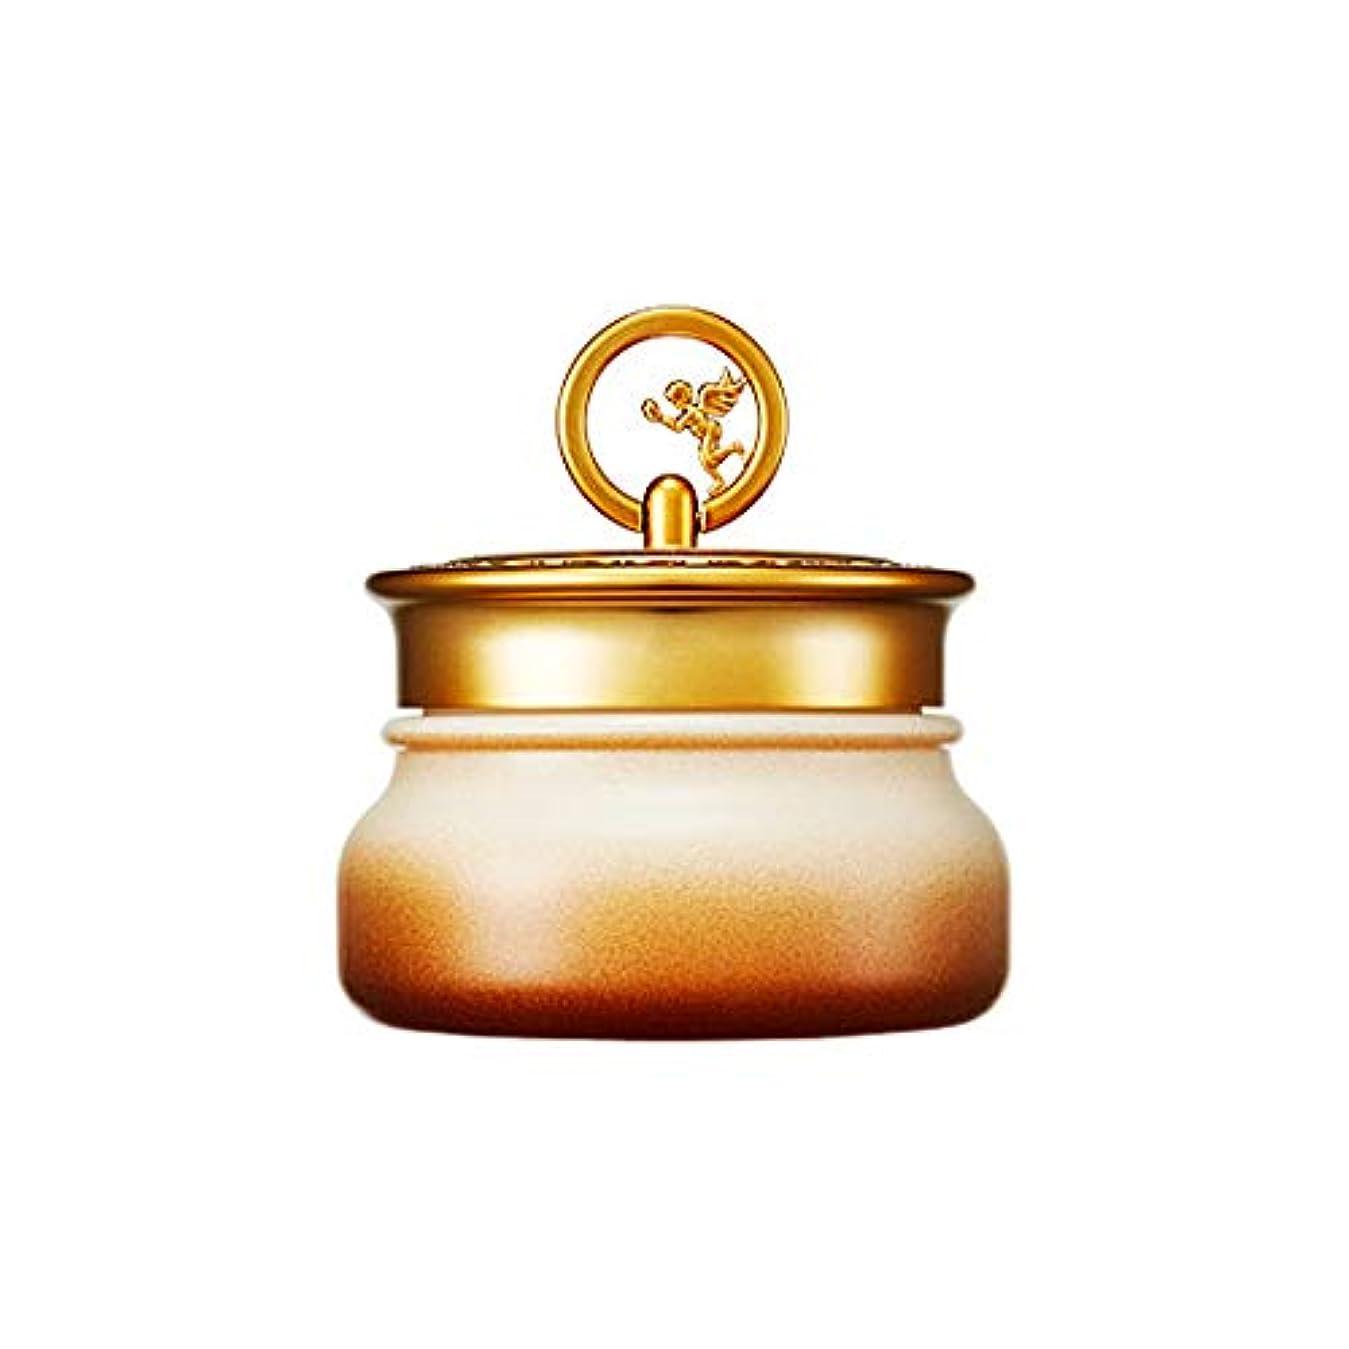 簡単な雇う植物のSkinfood ゴールドキャビアクリーム(しわケア) / Gold Caviar Cream (wrinkle care) 45g [並行輸入品]